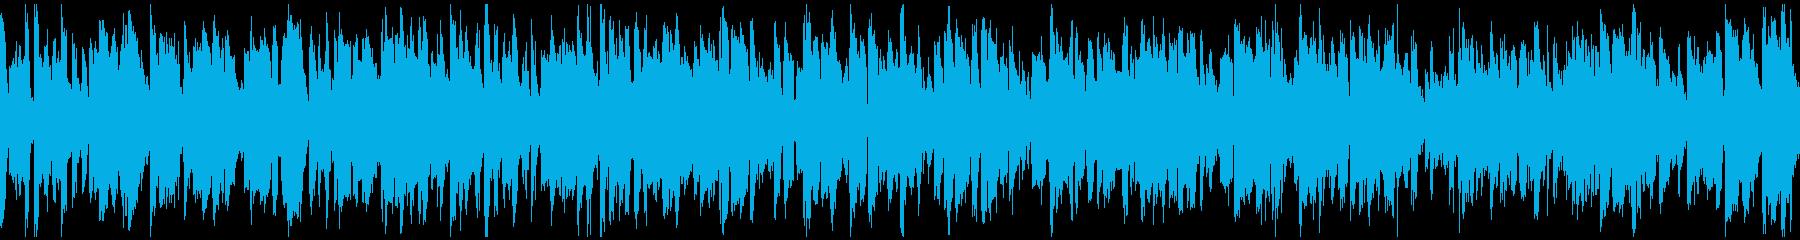 明るいカジノ系ジャズ ※ループ仕様版の再生済みの波形